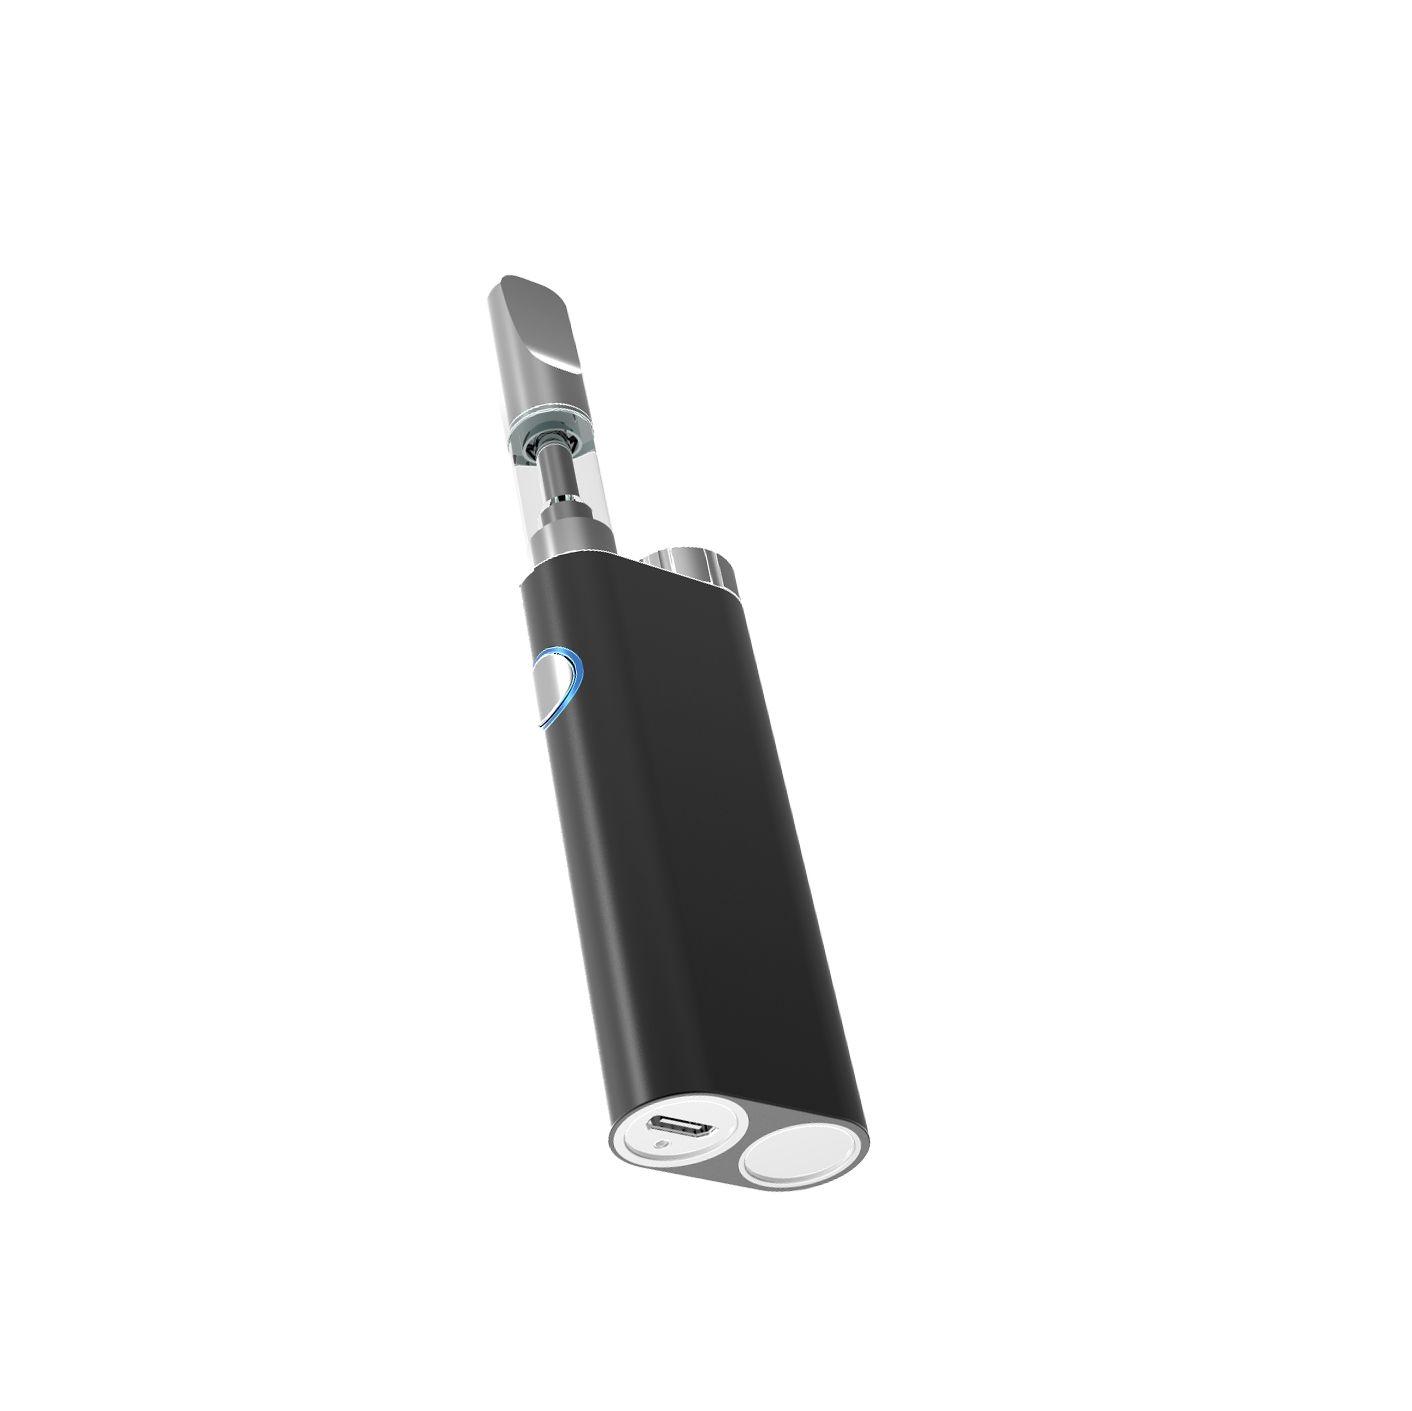 92a3 cartridge vape box mod vaporizer battery kit variable voltage preheating battery mod 450mah bud pen e cig box vaporizer starter kit